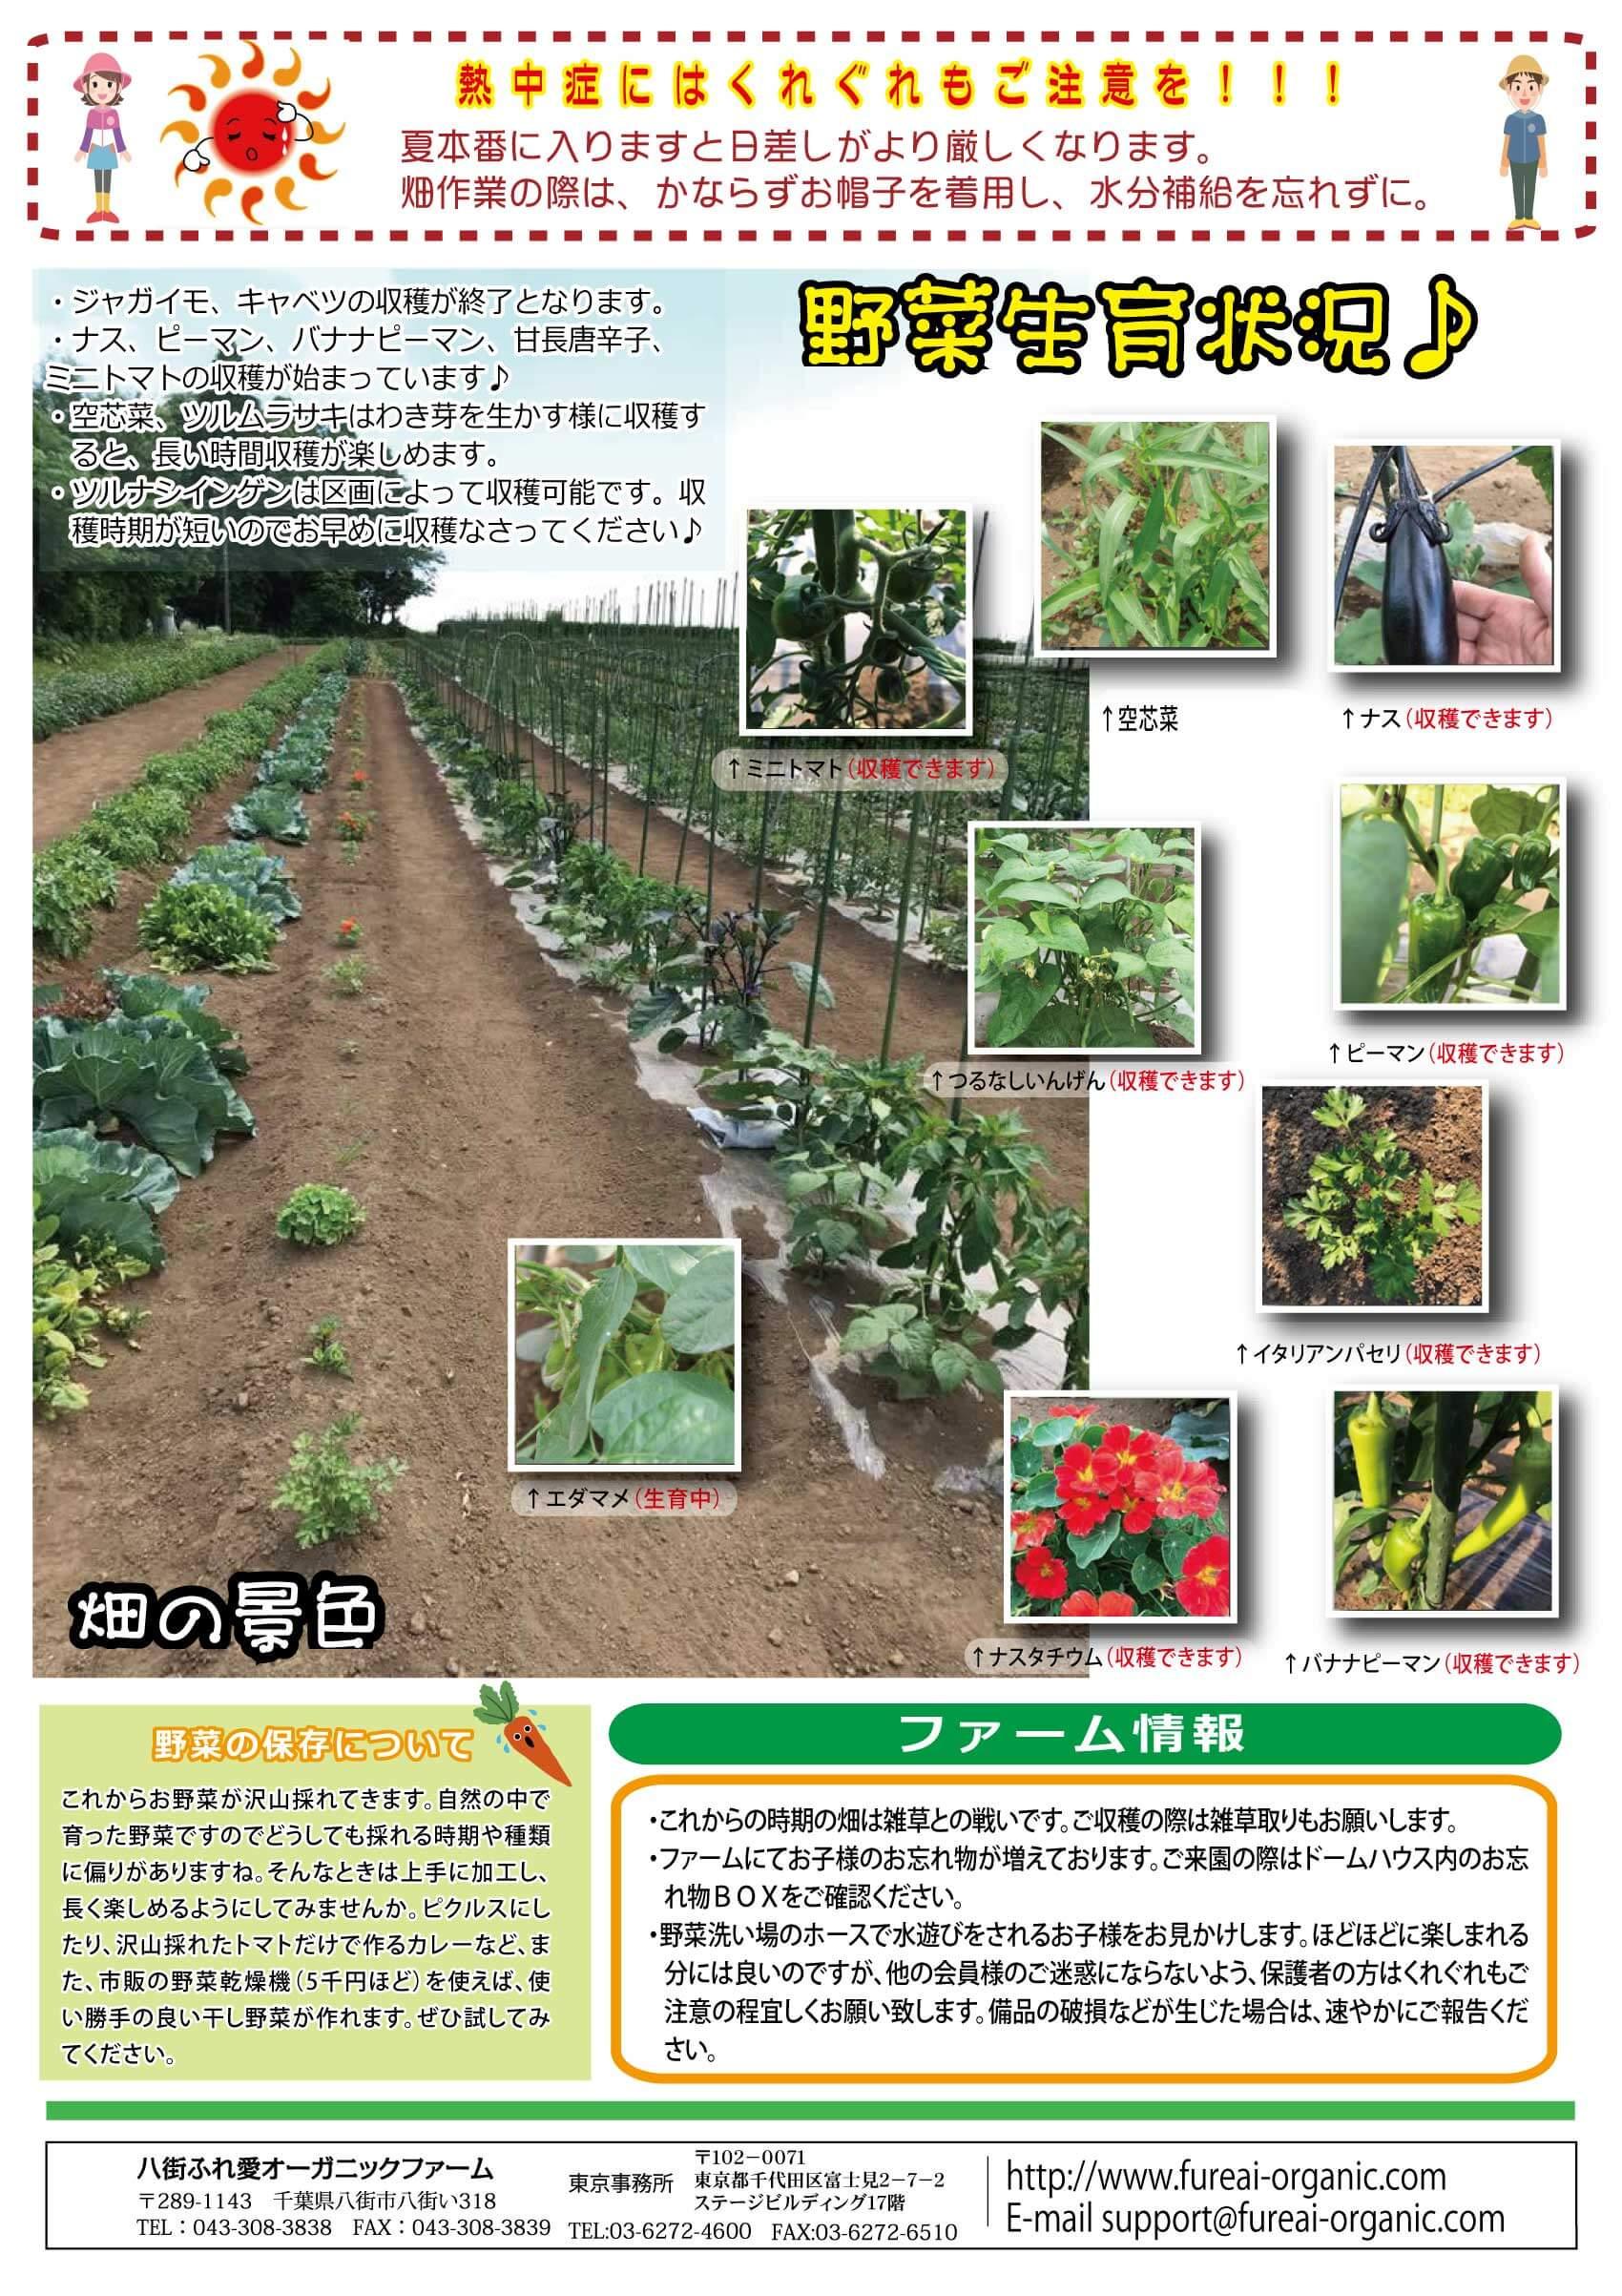 野菜生育状況 夏本番に入りますと日差しがより厳しくなります。畑作業の際は、かならずお帽子を着用し水分補給を忘れずに。